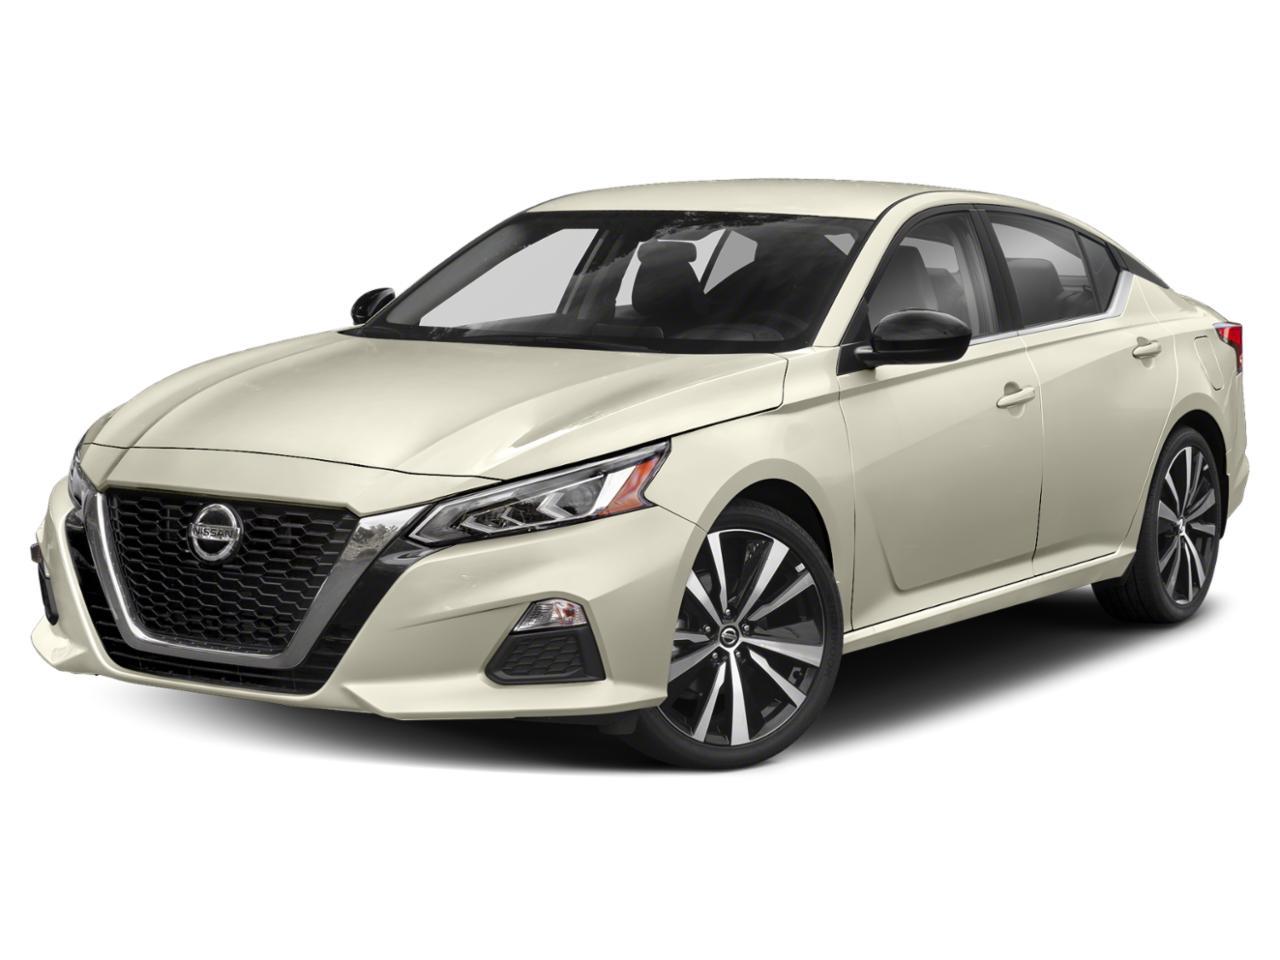 2020 Nissan Altima 2.5 SR 4dr Car Slide 0